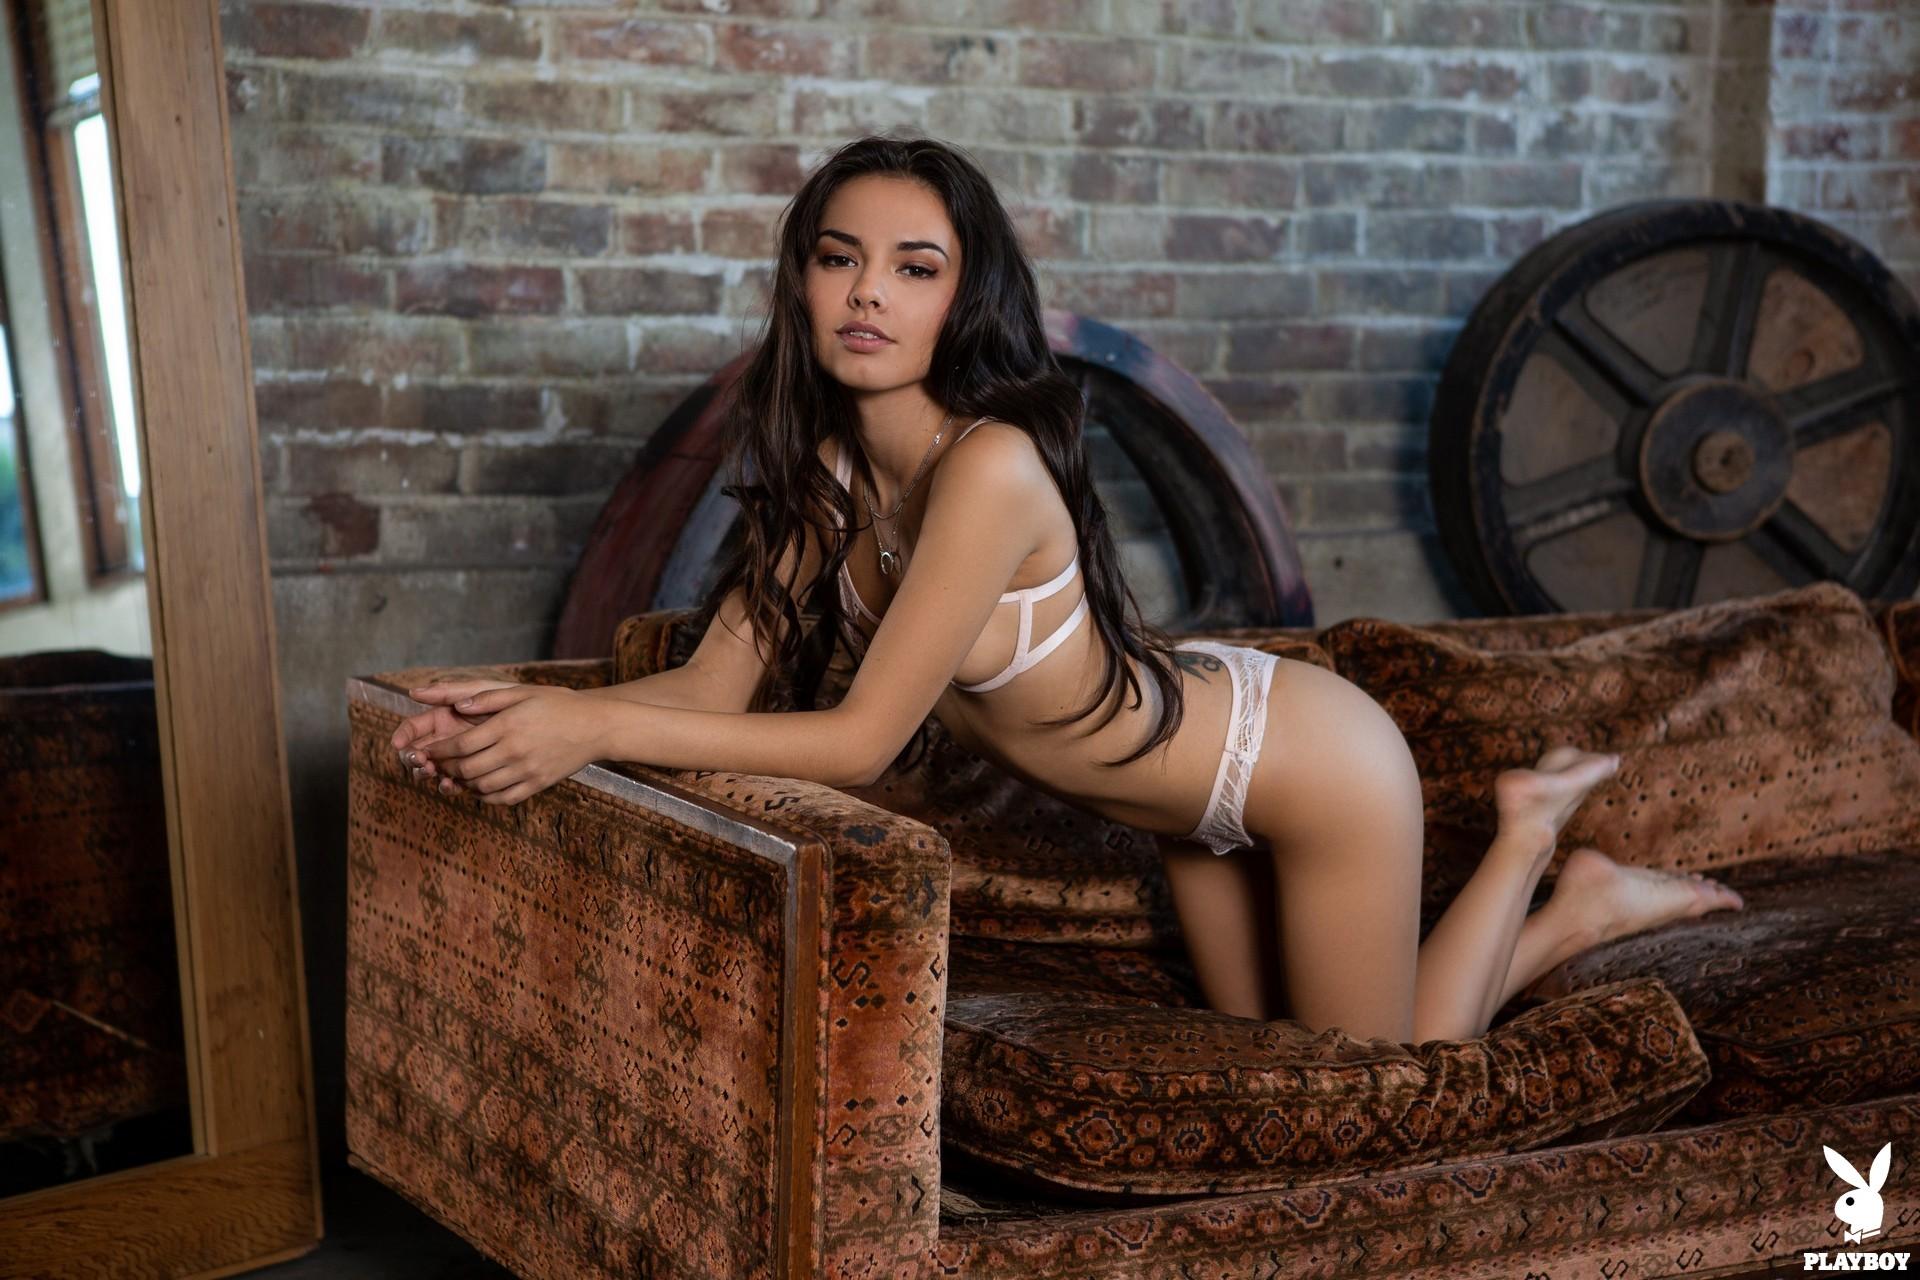 Dominique Gabrielle in Rustic Seduction - Playboy Plus 24